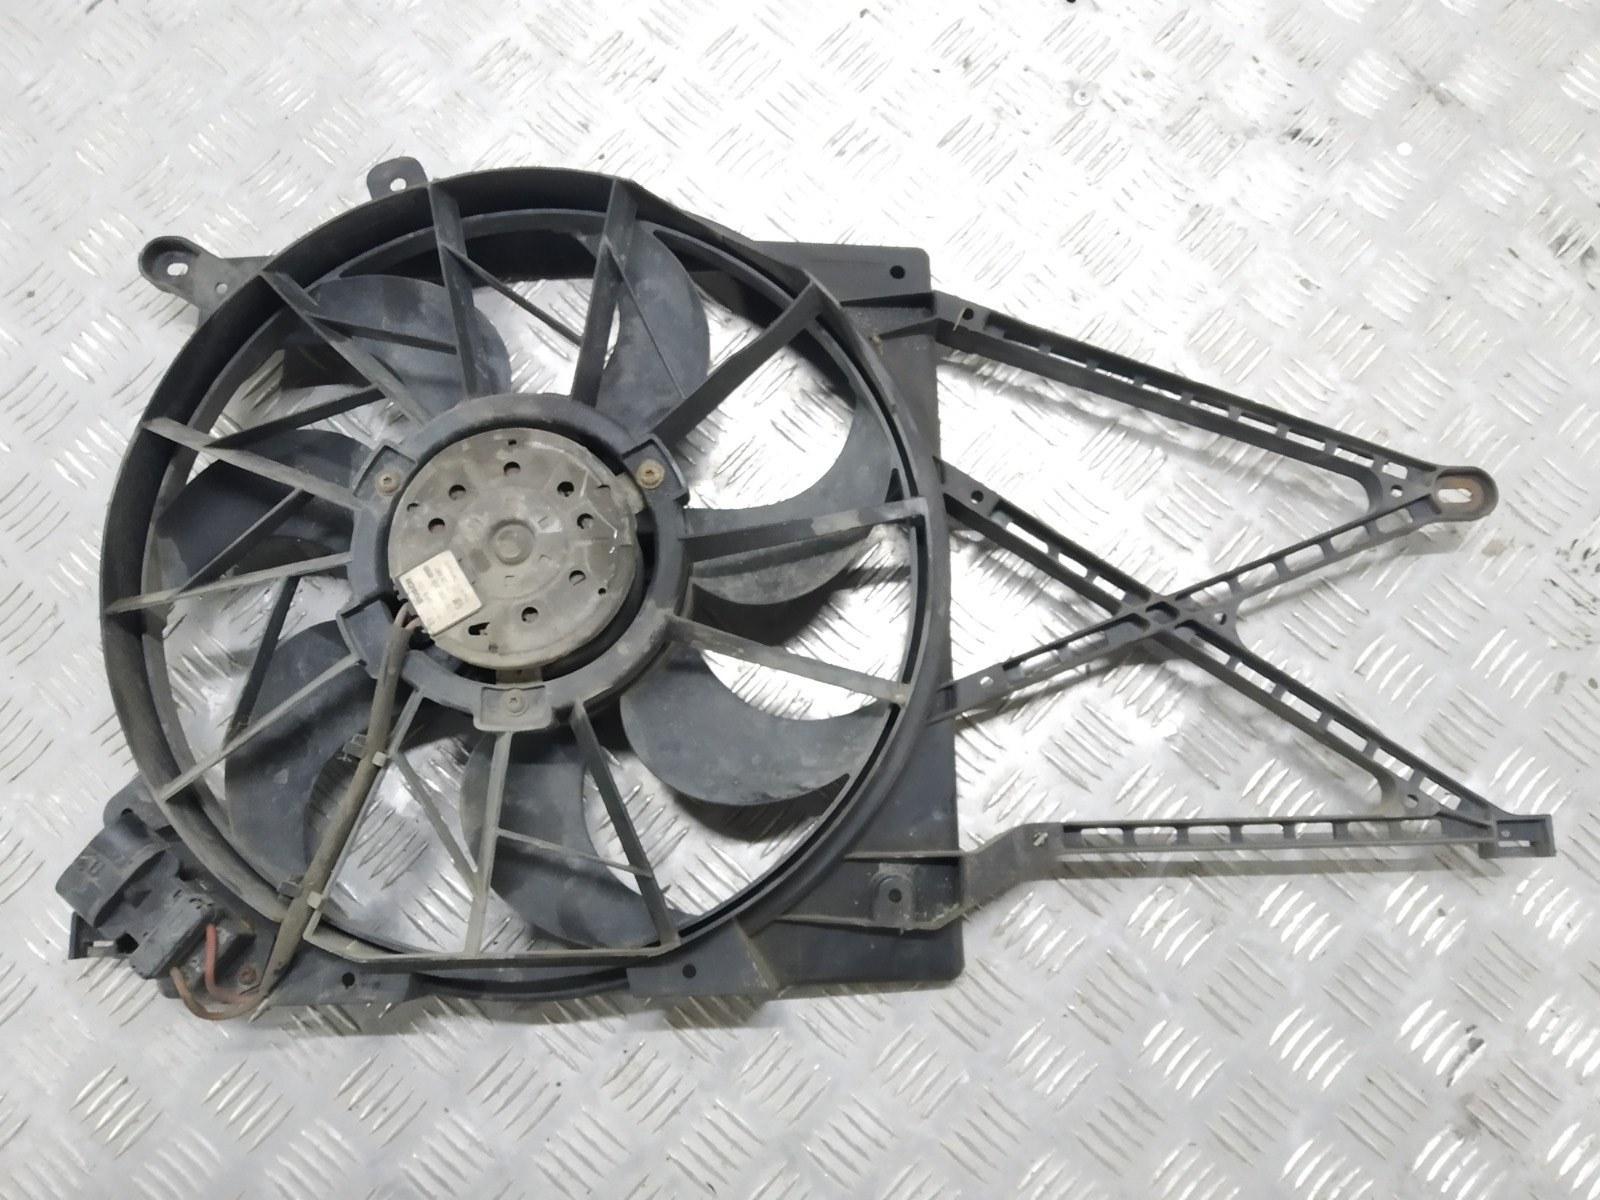 Вентилятор радиатора Opel Zafira A 1.6 I 2004 (б/у)